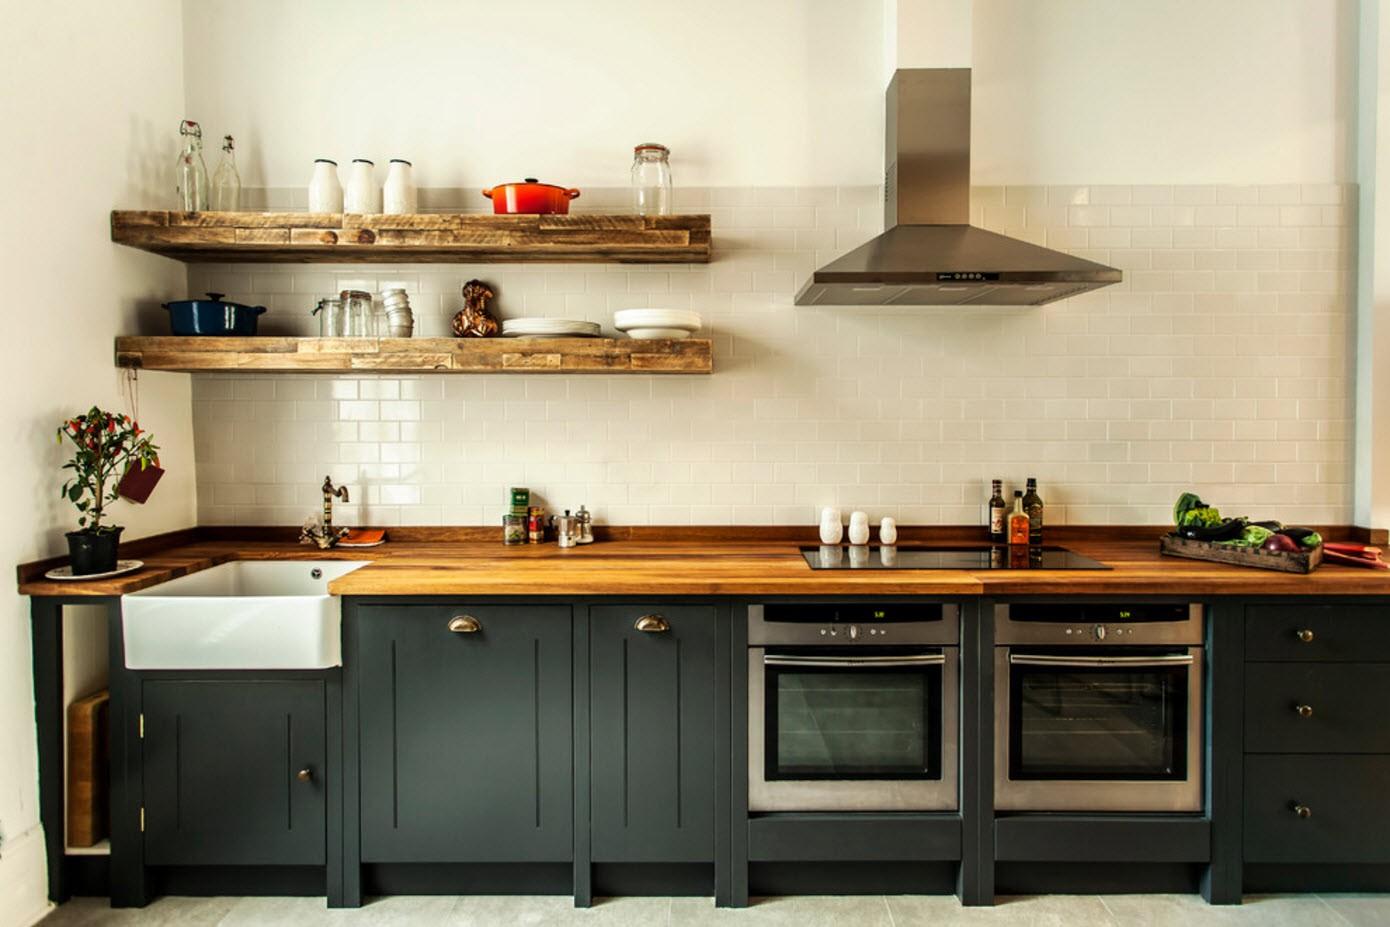 полки на кухне вместо навесных шкафов